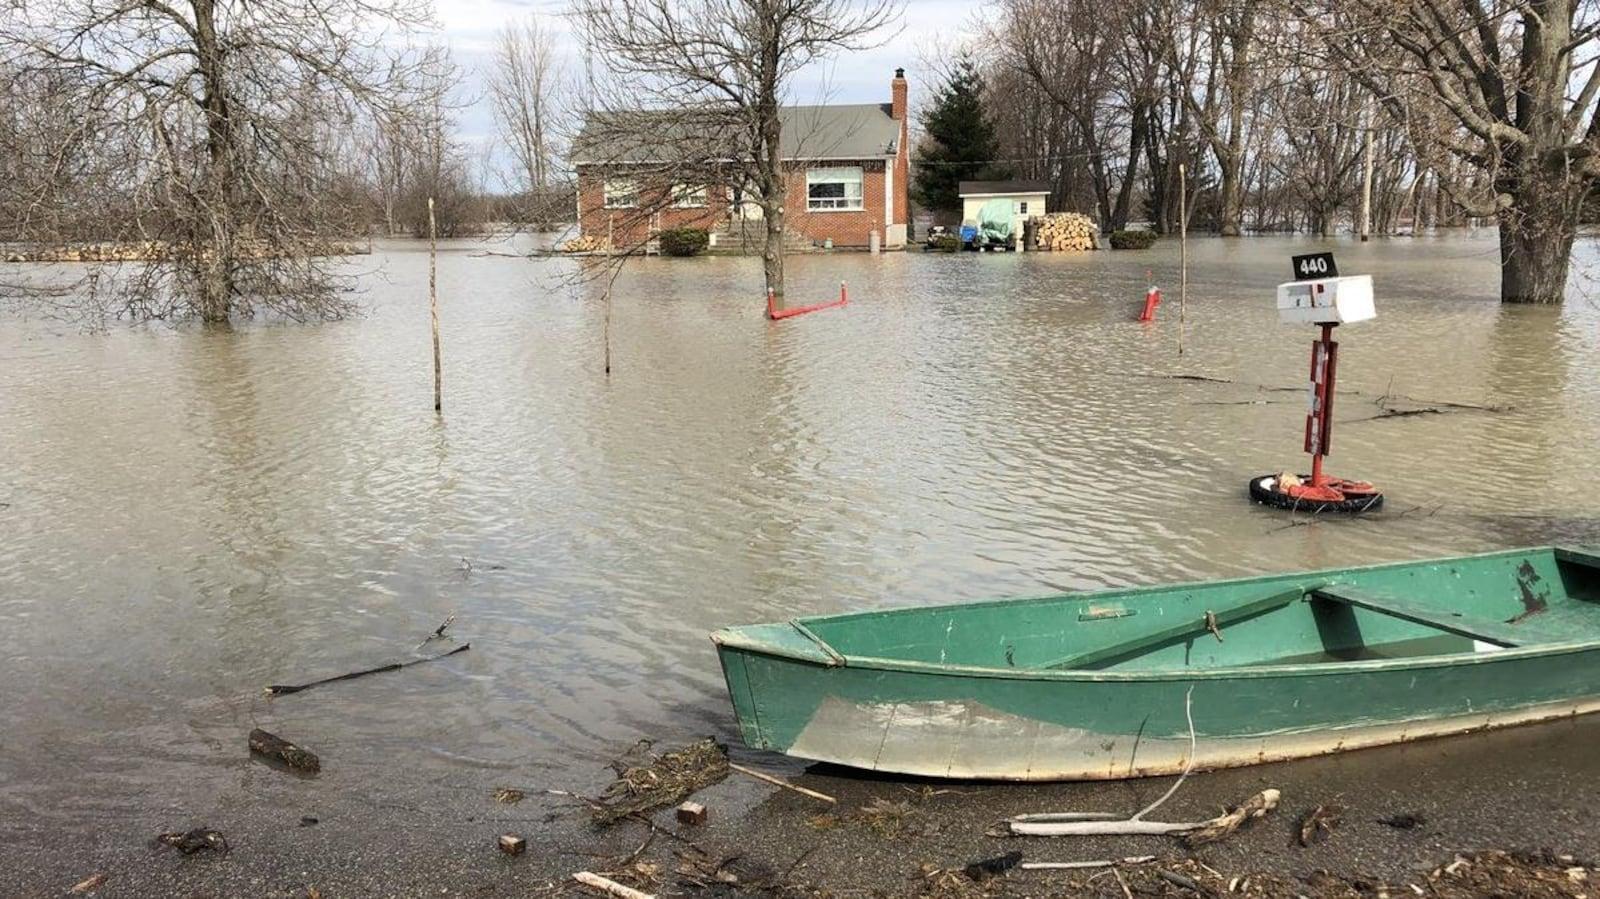 Une chaloupe se trouve devant une maison inondée de Maskinongé.